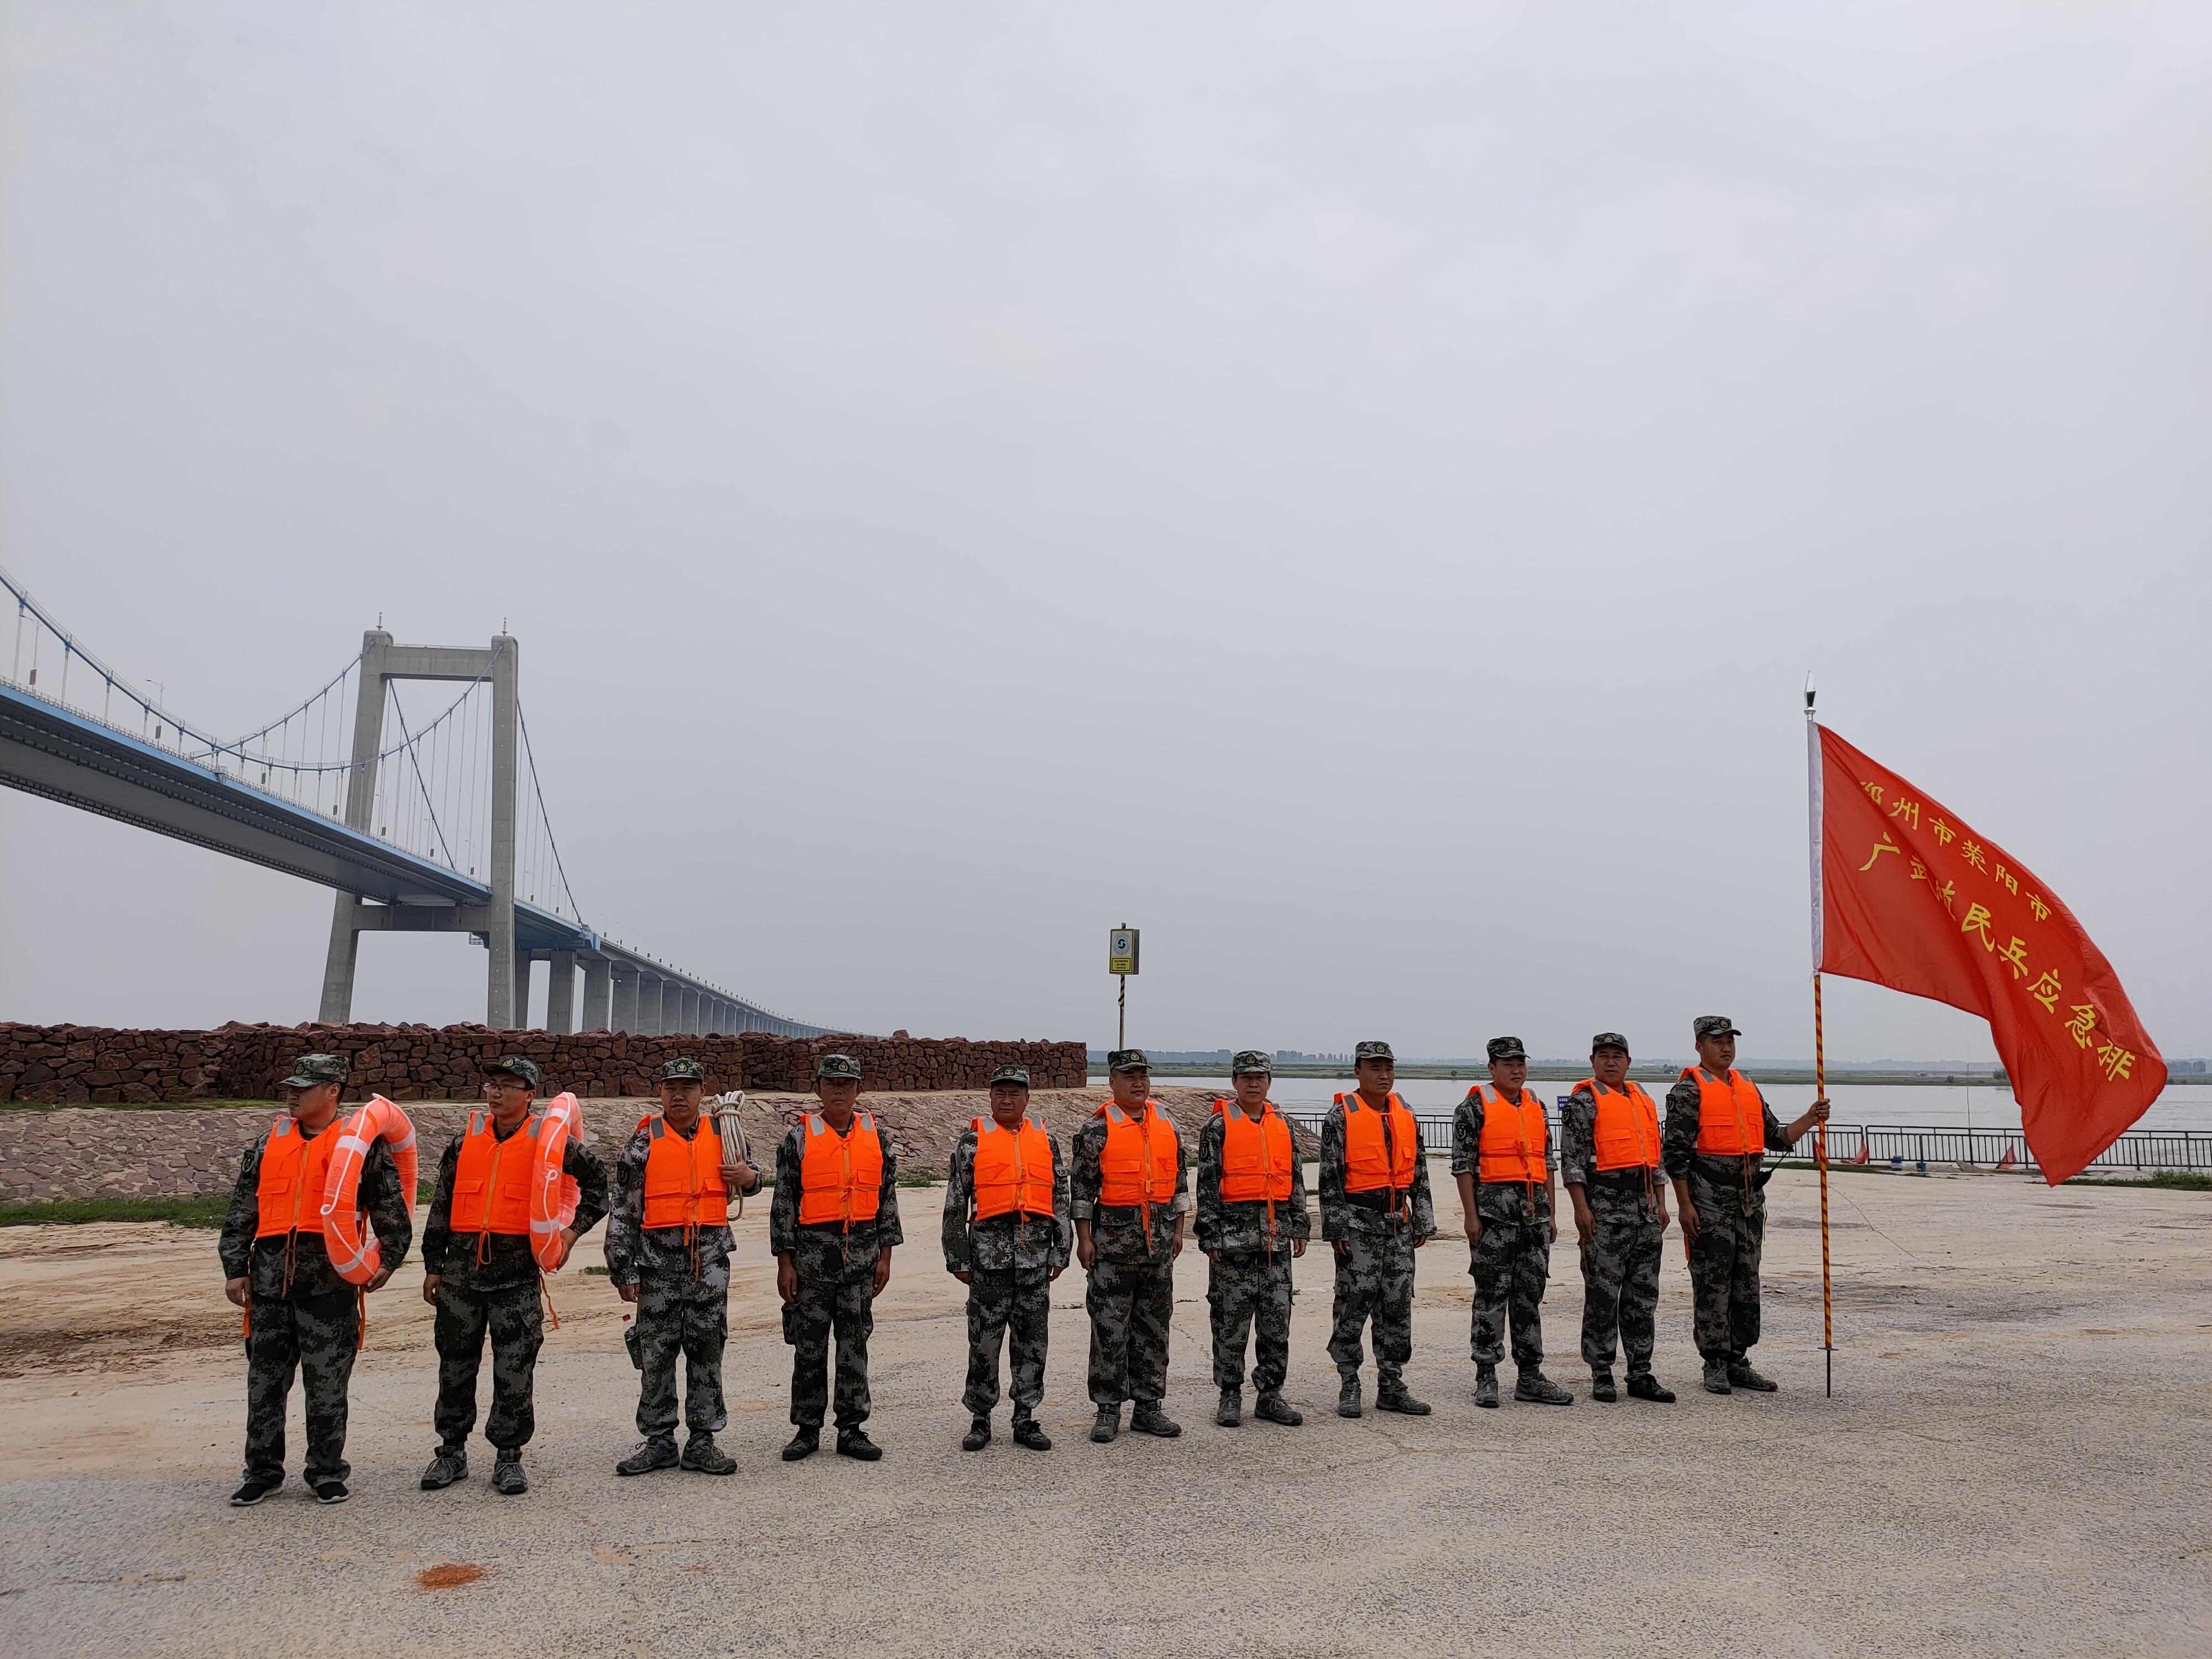 黄河堤坝进行巡逻、执勤1.jpg